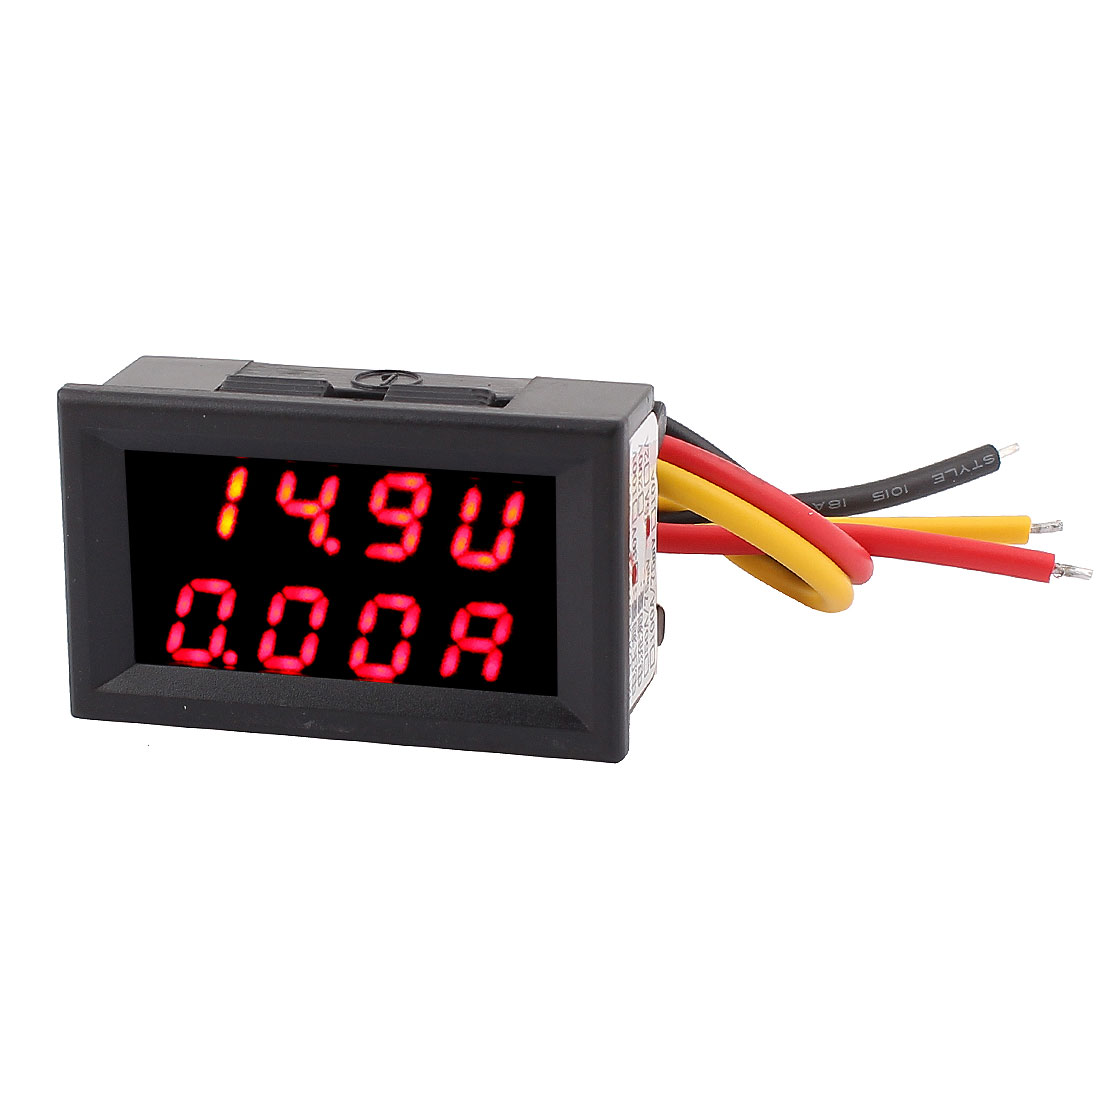 DC0-30V 0-5A Red LED Dual Digital Display Panel Voltmeter Ammeter Meter 2IN1